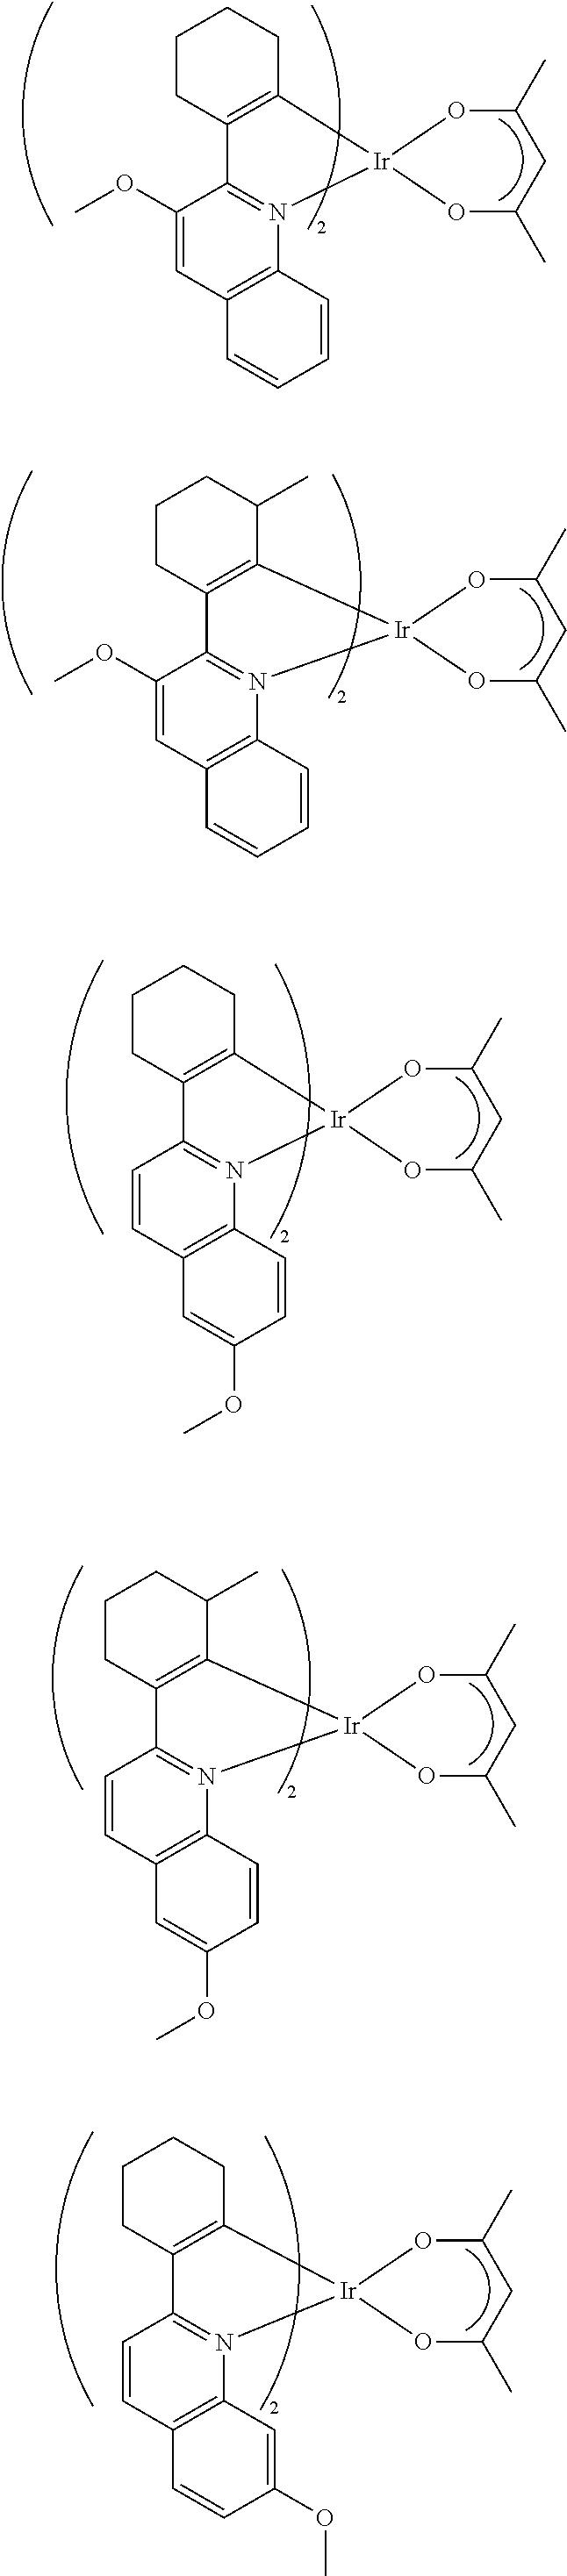 Figure US09324958-20160426-C00065